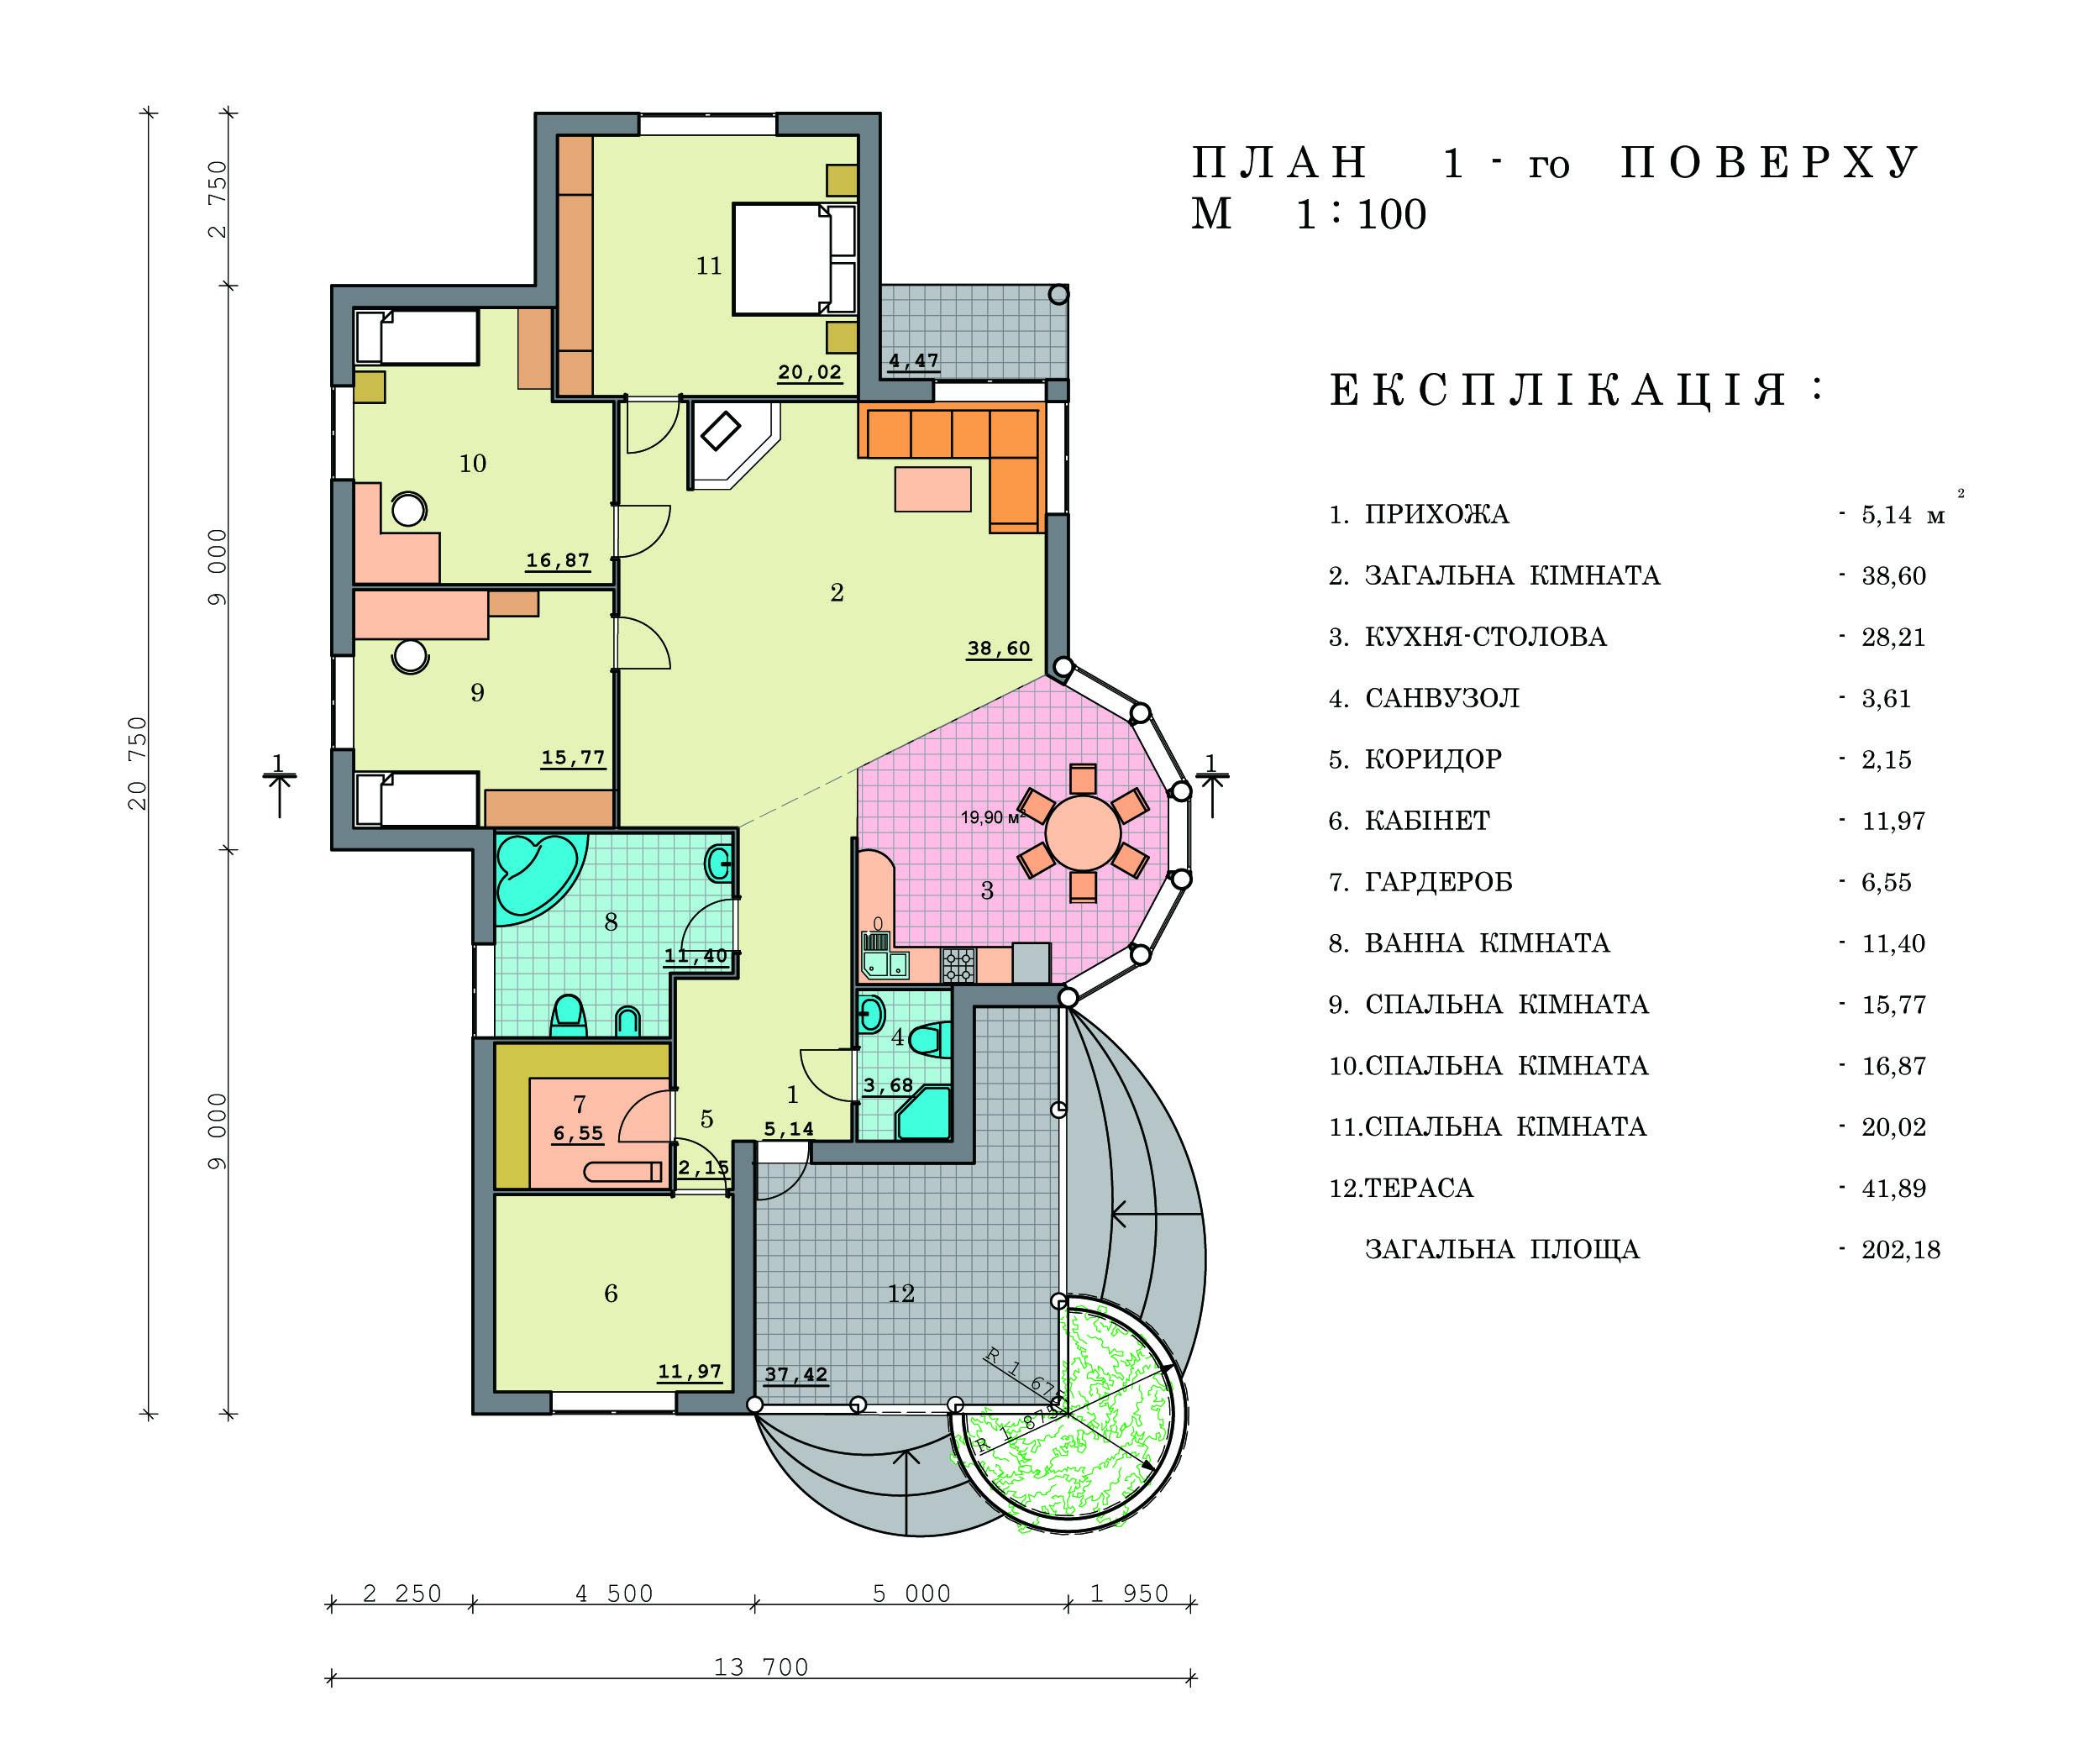 strilecka_plan